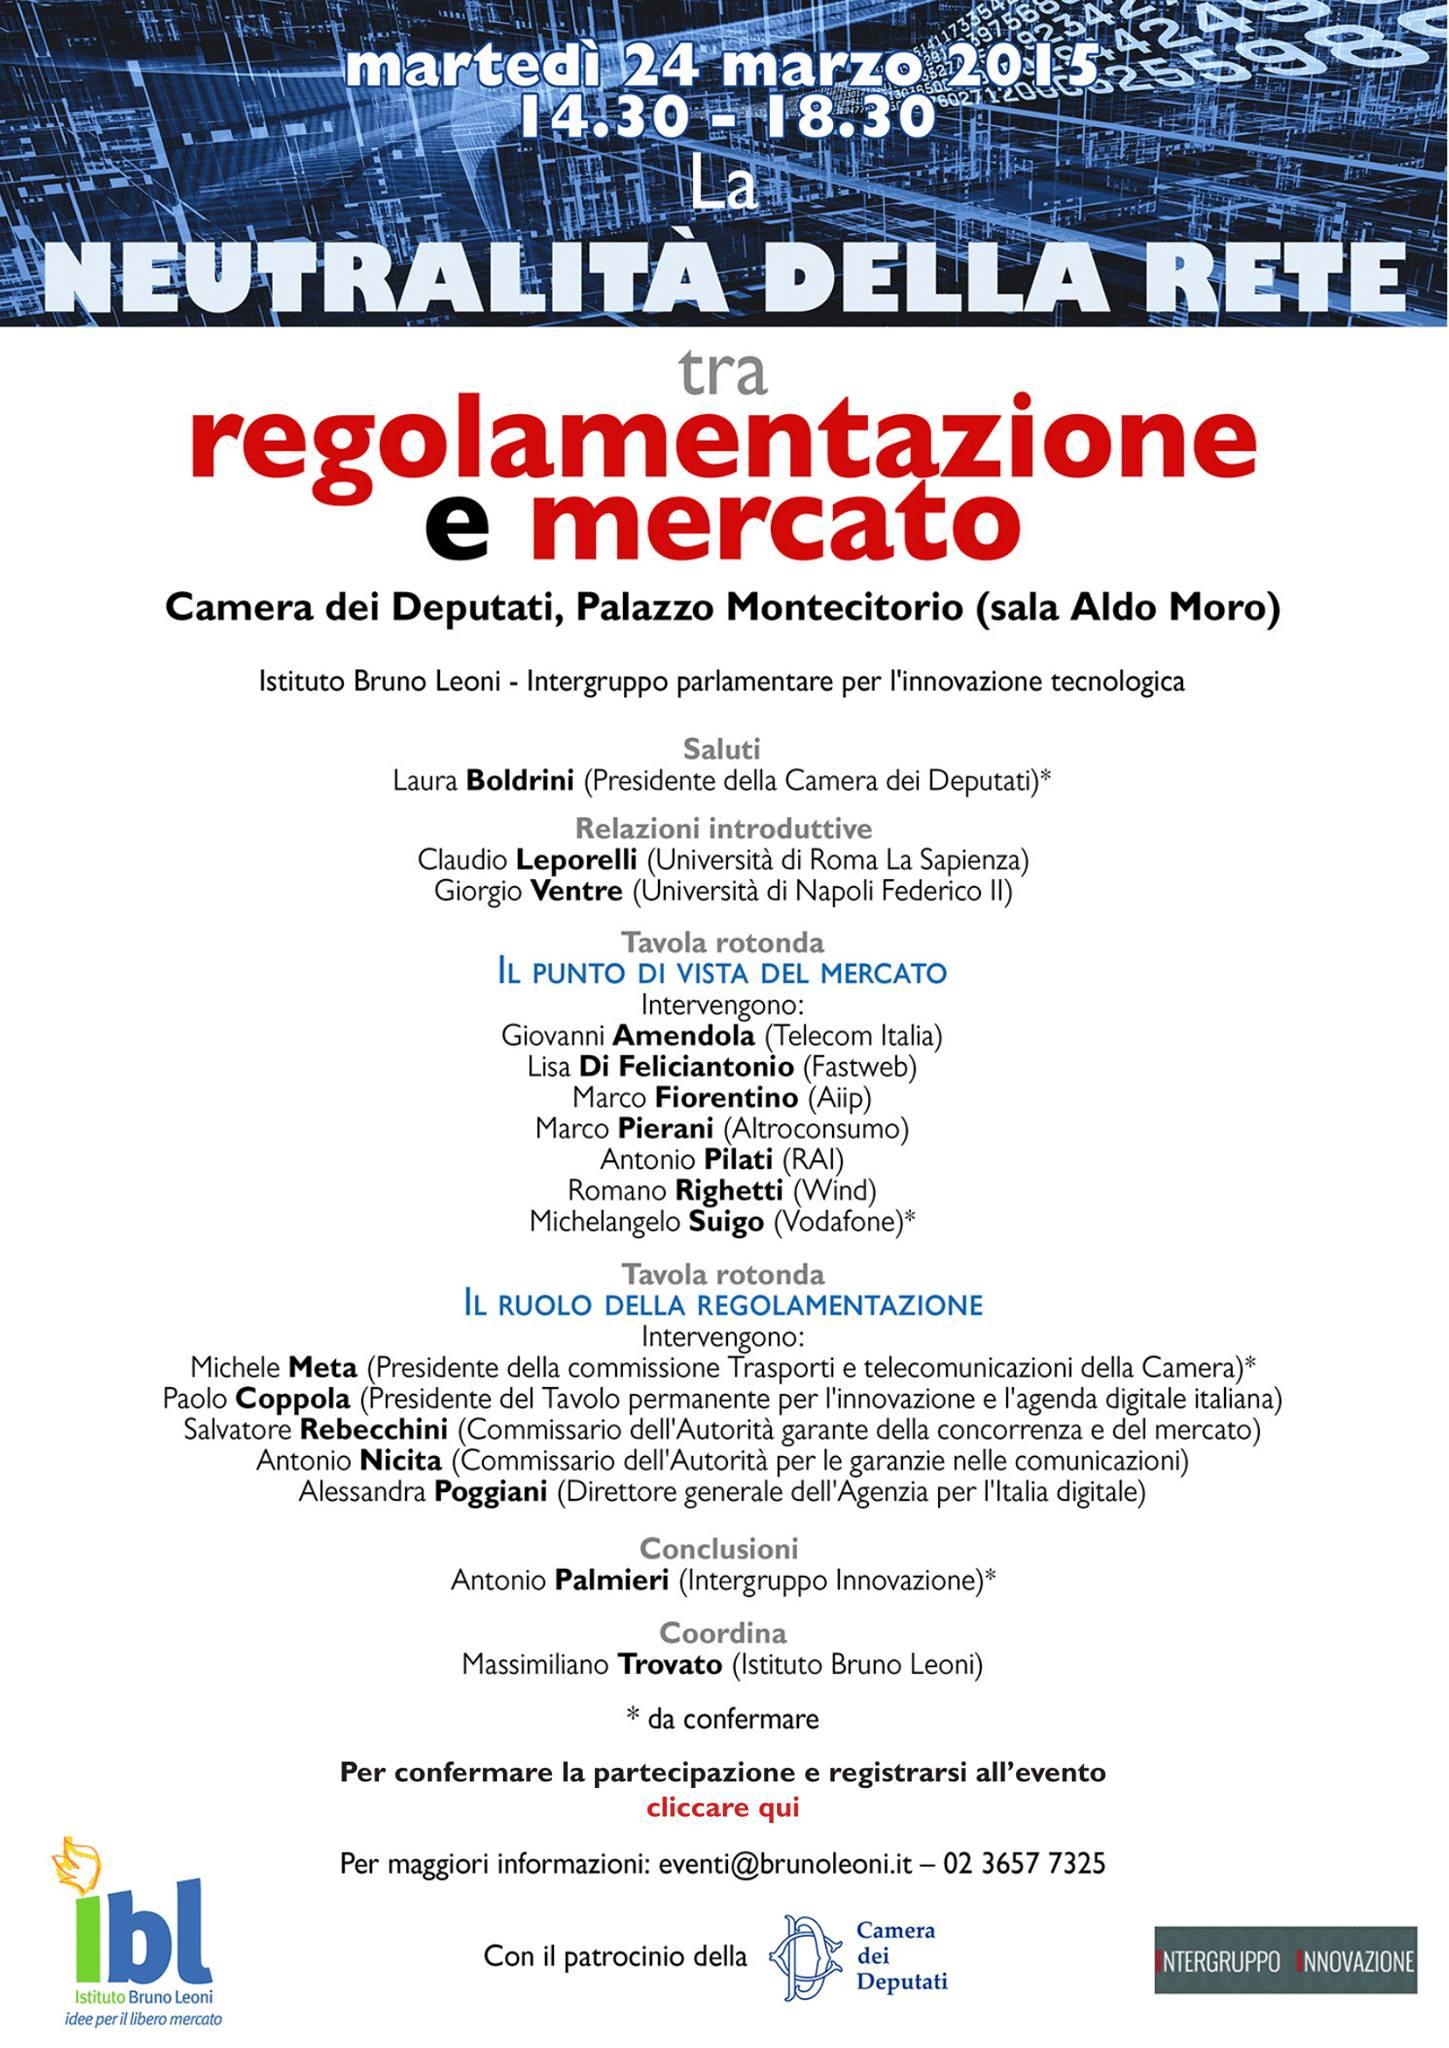 NetNeutralityMarzo2015